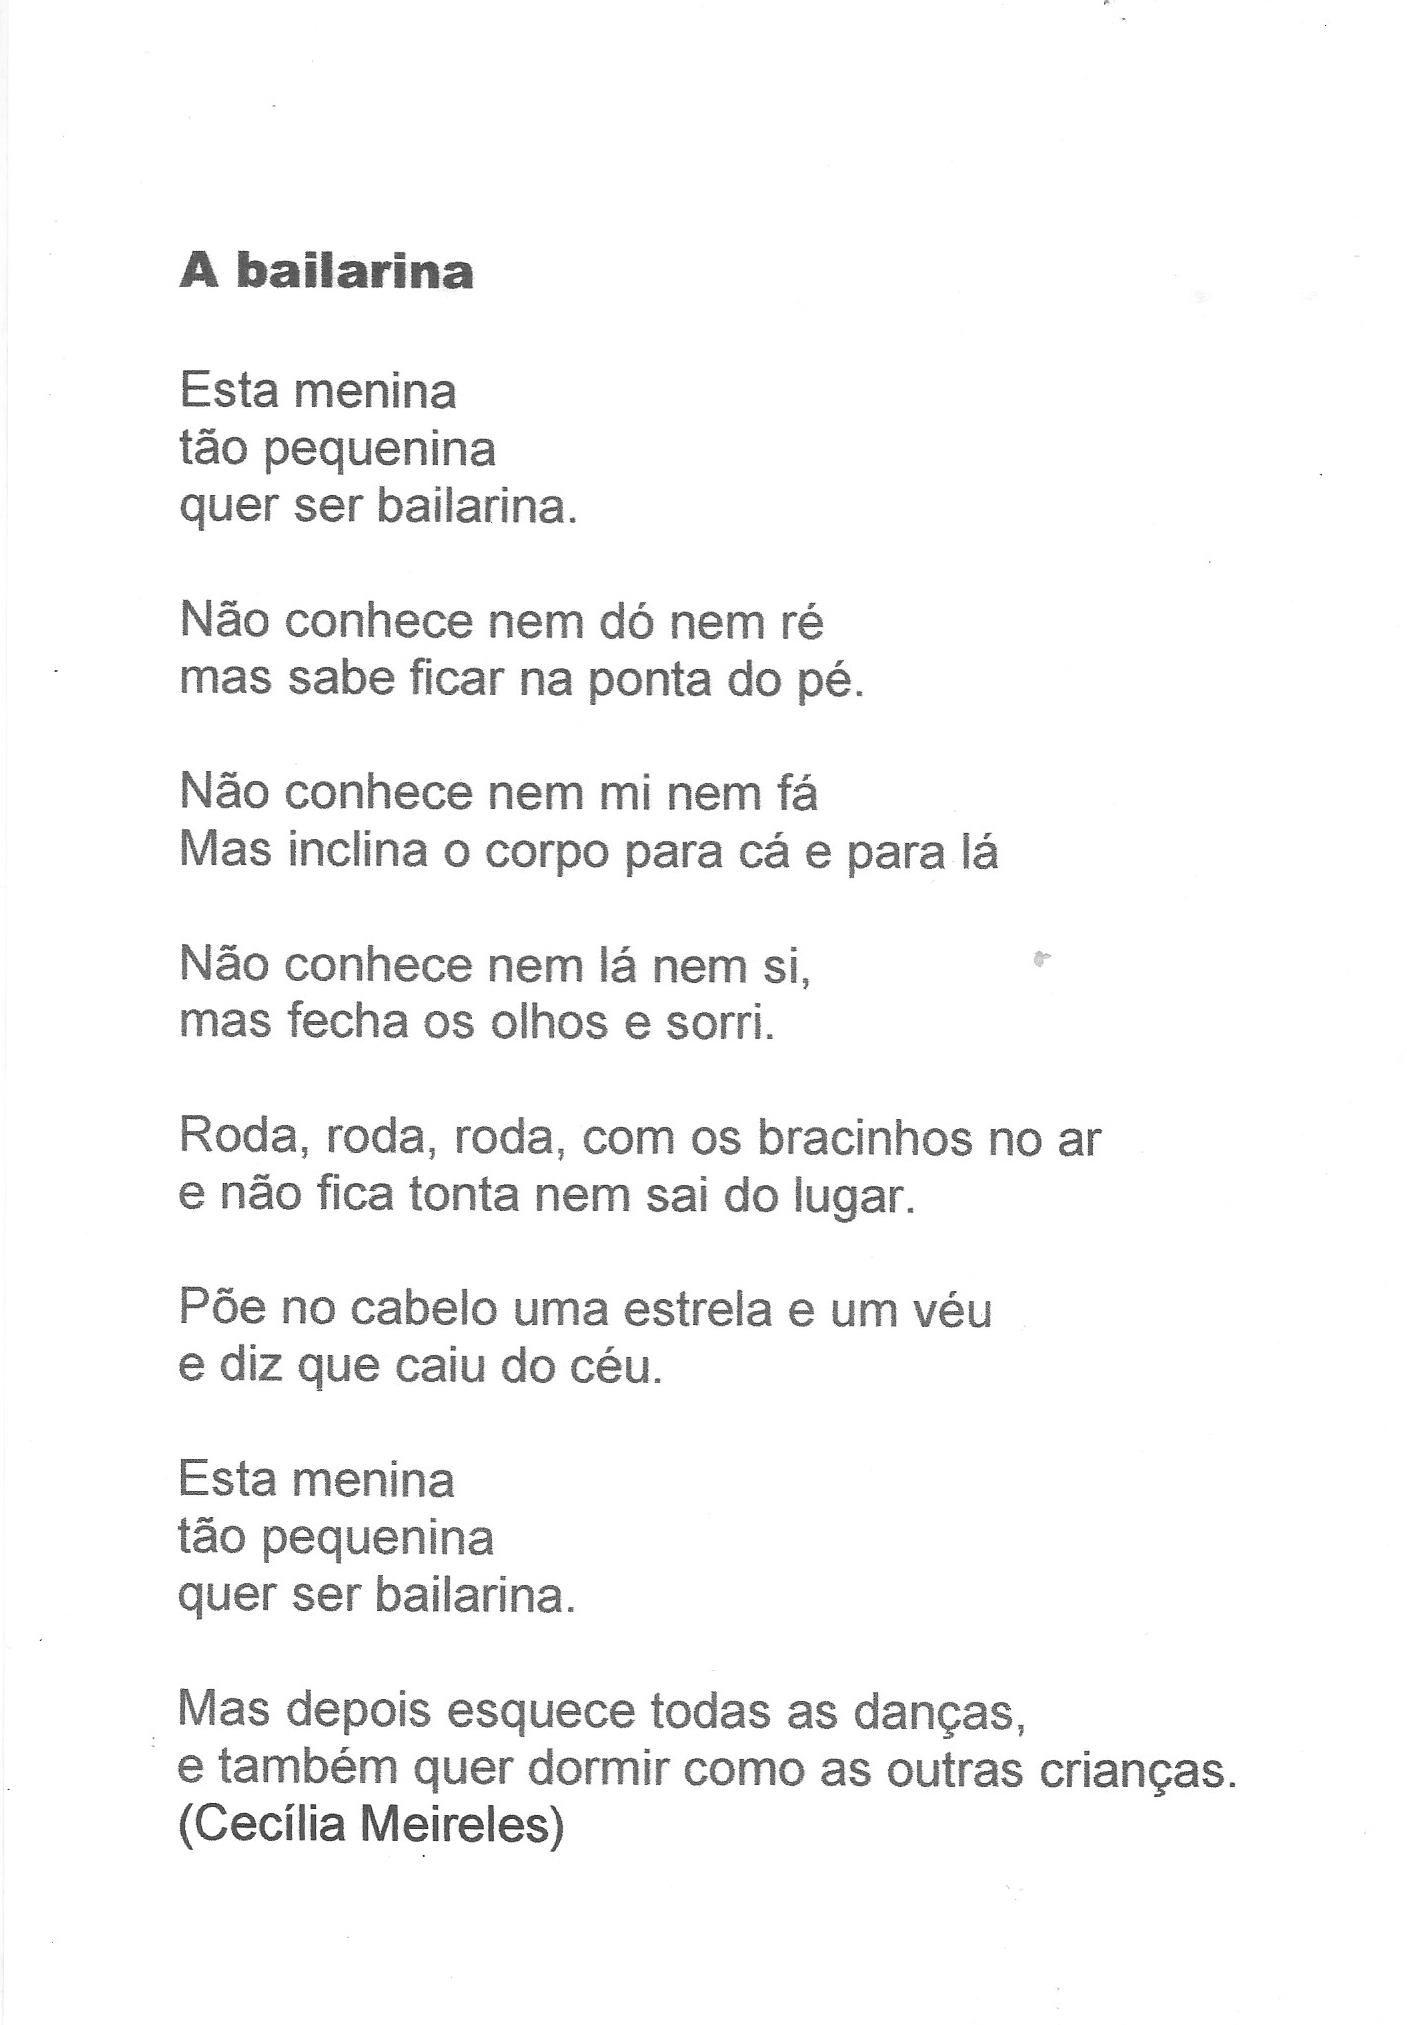 A Bailarina De Cecilia Meireles Bailarina Meireles Poesia